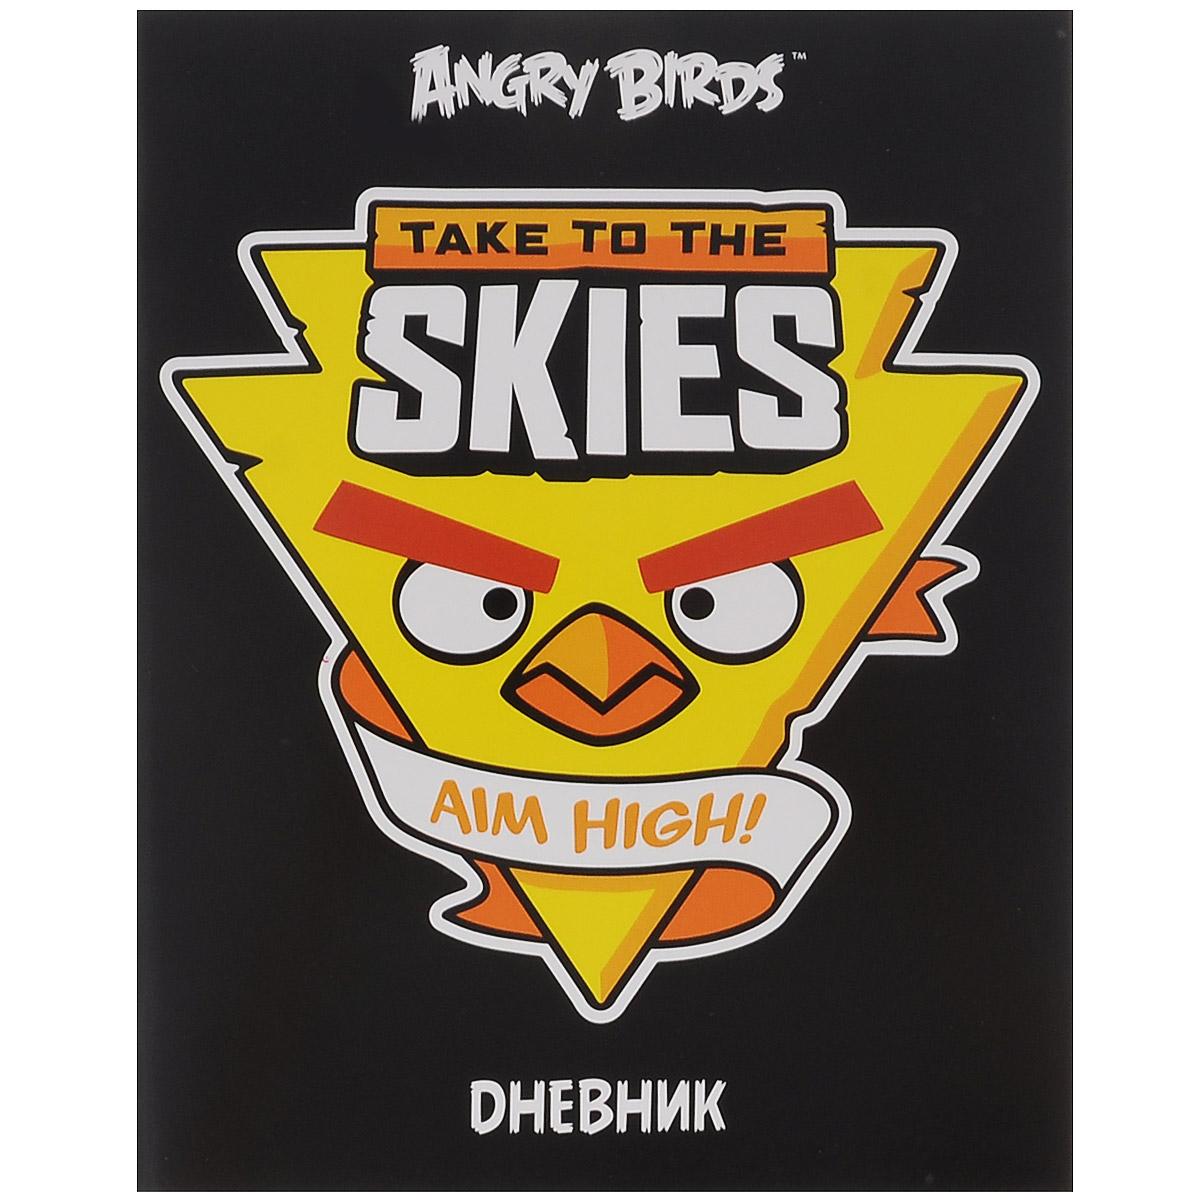 Дневник школьный Hatber Angry Birds, цвет: черный, желтый. 40Д5B_1173672523WDШкольный дневник Hatber Angry Birds - первый ежедневник вашего ребенка. Он поможет ему не забыть свои задания, а вы всегда сможете проконтролировать его успеваемость. Дневник предназначен для учеников 1-11 классов.Внутренний блок дневника состоит из 40 листов бумаги с изображением забавных птичек из игры Angry Birds на каждой страничке и прошит металлическими скрепками. Обложка выполнена из мелованного картона. В структуру дневника входят все необходимые разделы: информация о личных данных ученика, школе и педагогах, друзьях и одноклассниках, расписание занятий и факультативов по четвертям. Дневник содержит номера телефонов экстренной помощи и даты государственных праздников. В конце дневника имеются сведения об успеваемости. Дневник Hatber Angry Birds станет надежным помощником в освоении новых знаний и принесет радость своему хозяину, украшая учебные будни. Рекомендуемый возраст: от 6 лет.